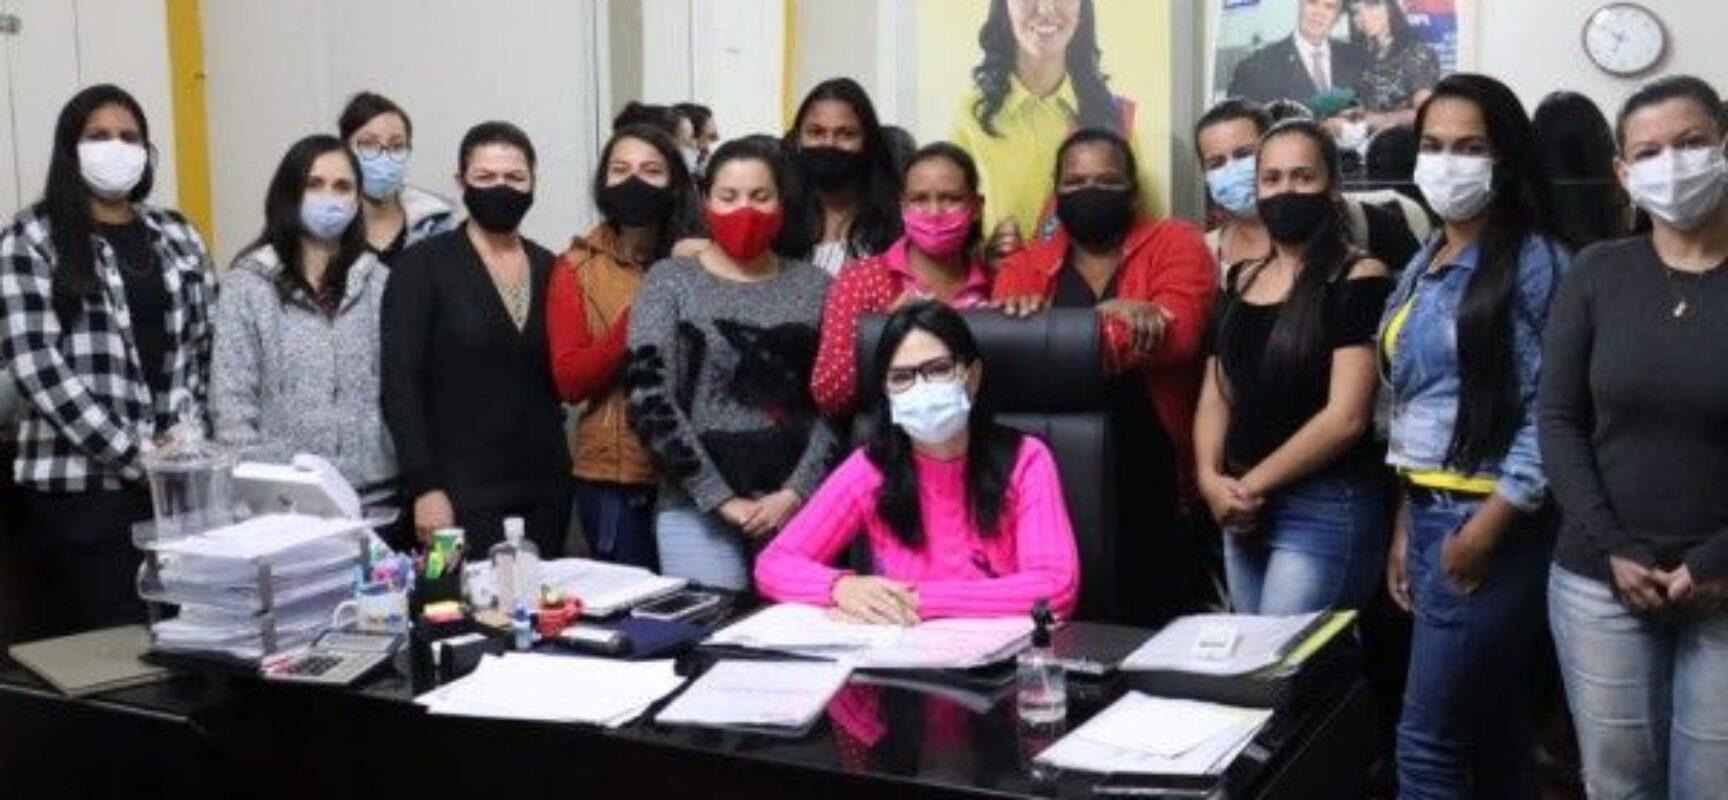 Agressores de mulheres não poderão exercer cargos públicos